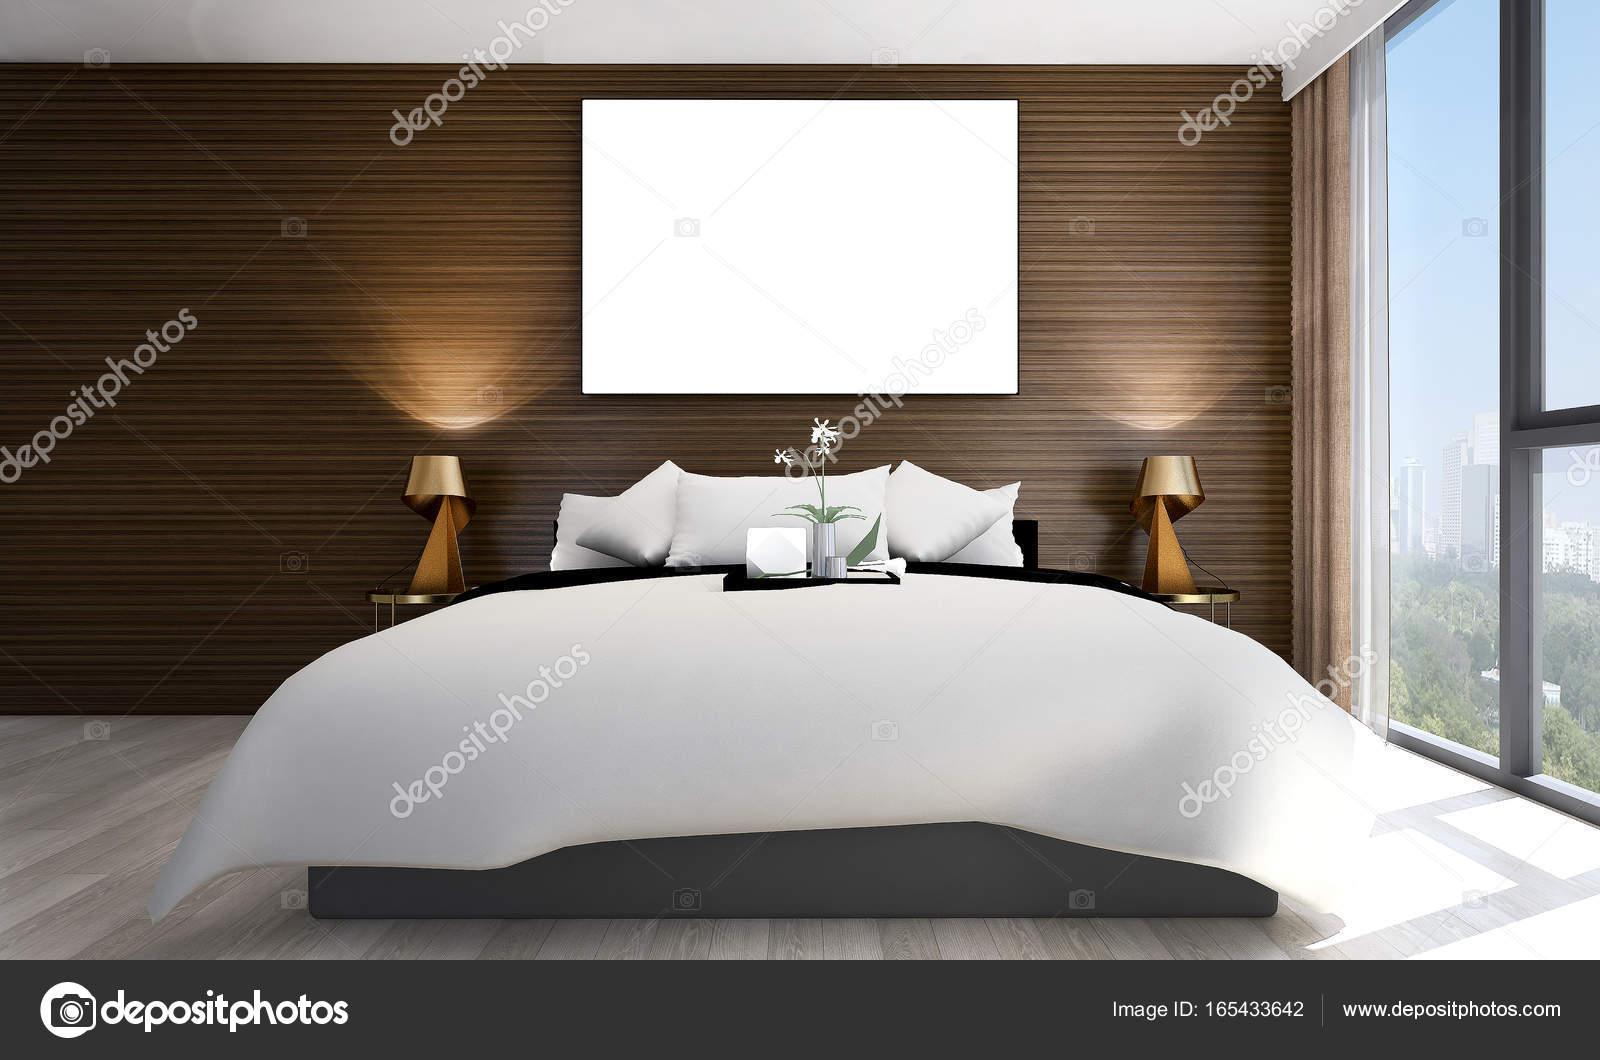 Het luxe slaapkamer interieur en hout muur textuur en foto frame ...